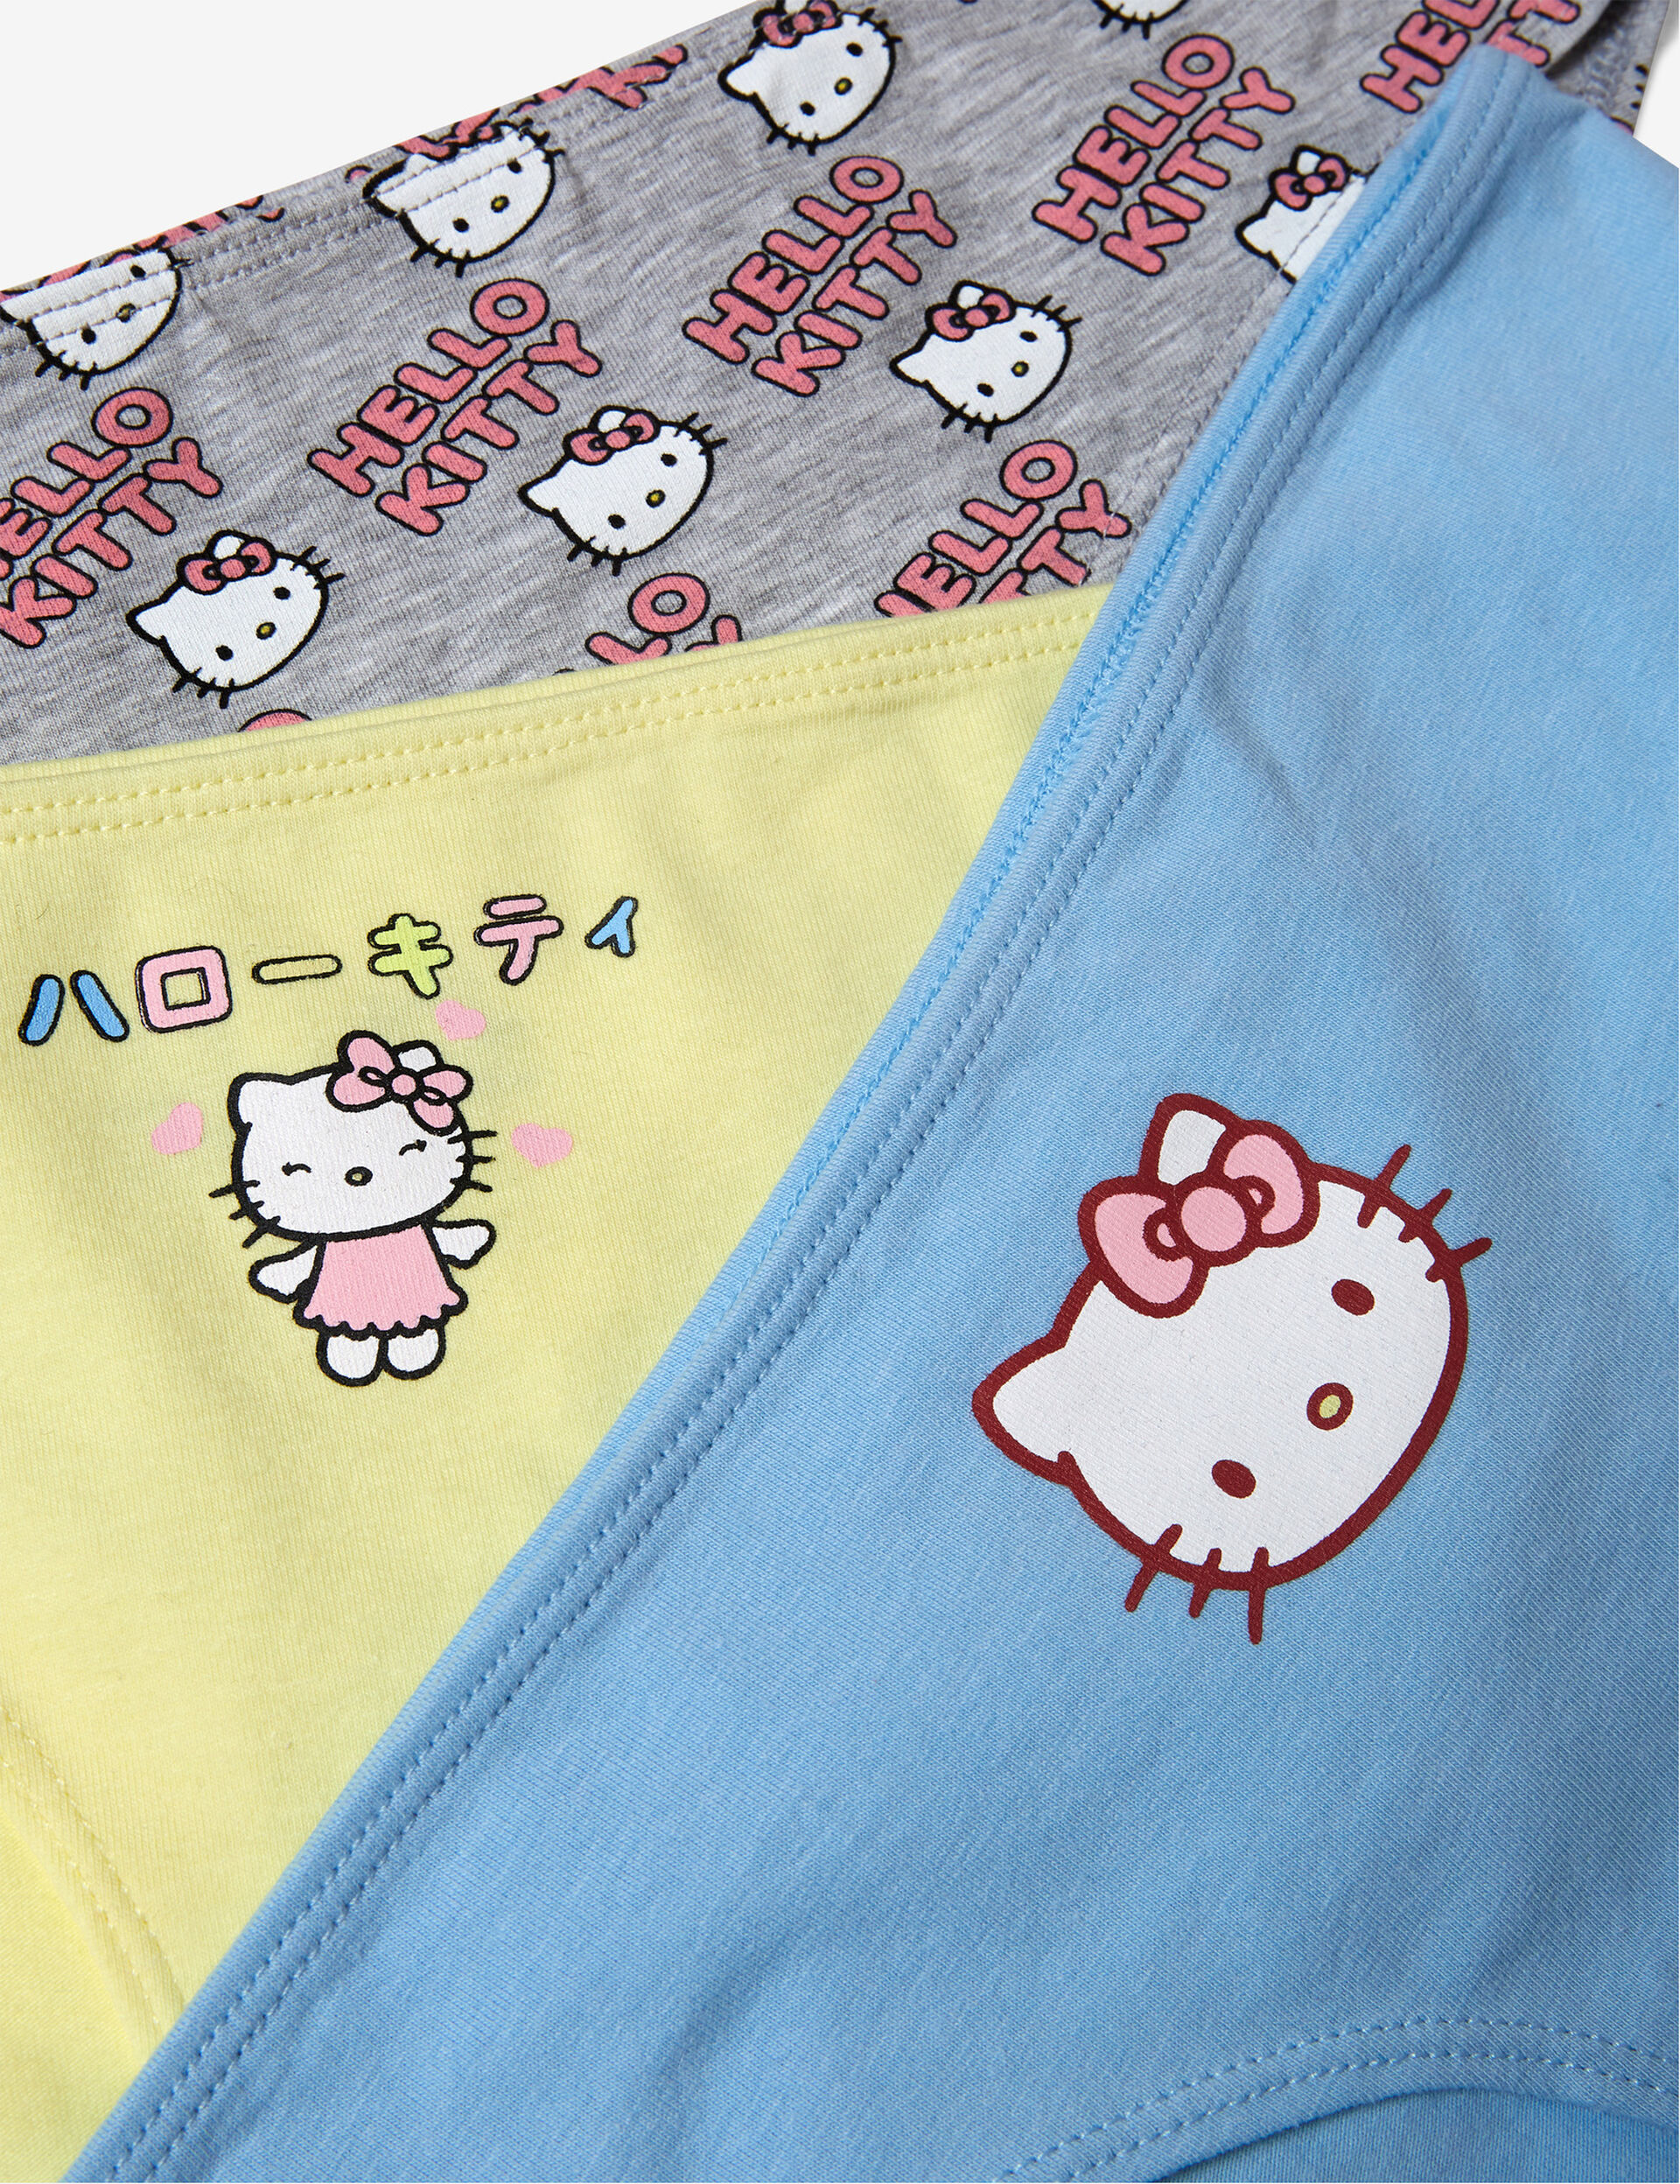 Hello Kitty knickers